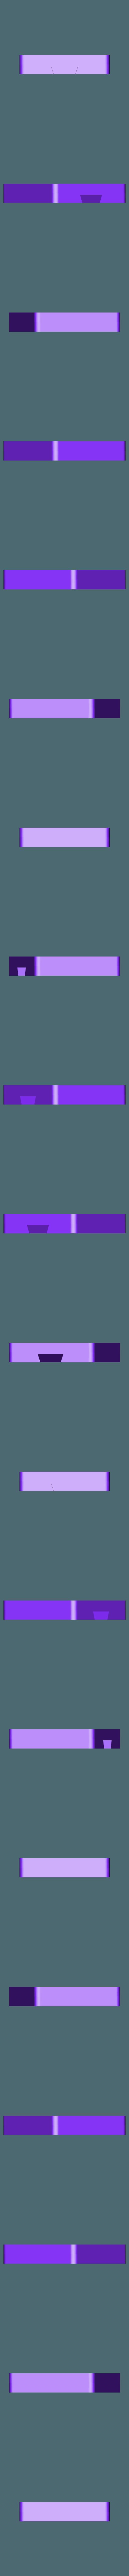 1907-03 Part02.stl Download free STL file Small Puzzle Box • 3D printer object, EL3D